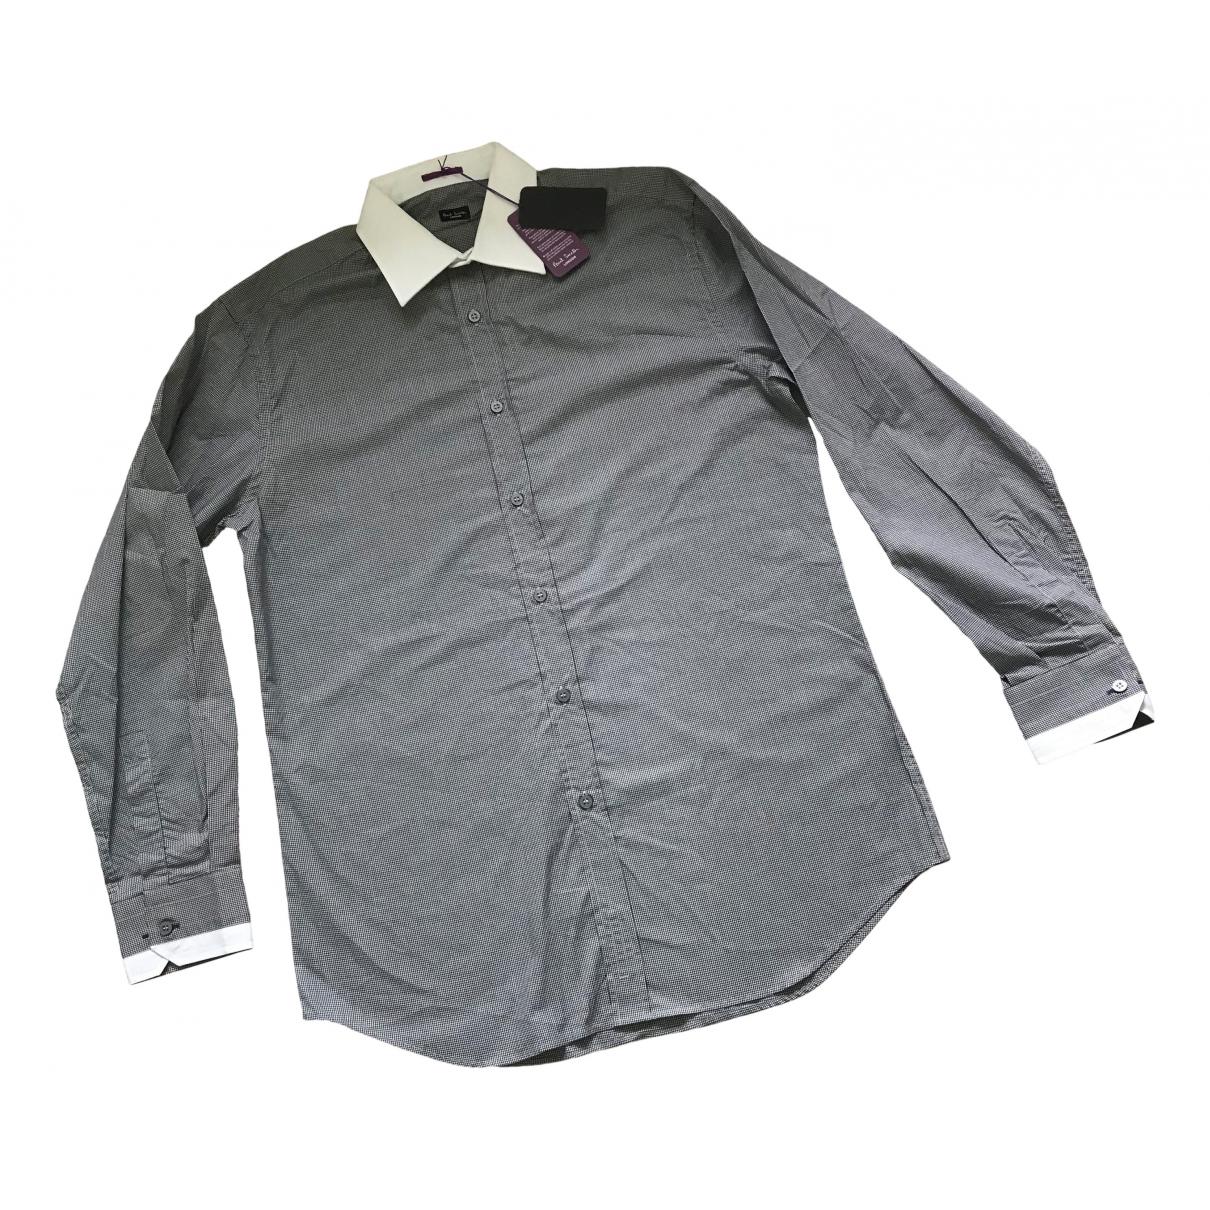 Paul Smith \N Multicolour Cotton Shirts for Men 15.5 UK - US (tour de cou / collar)